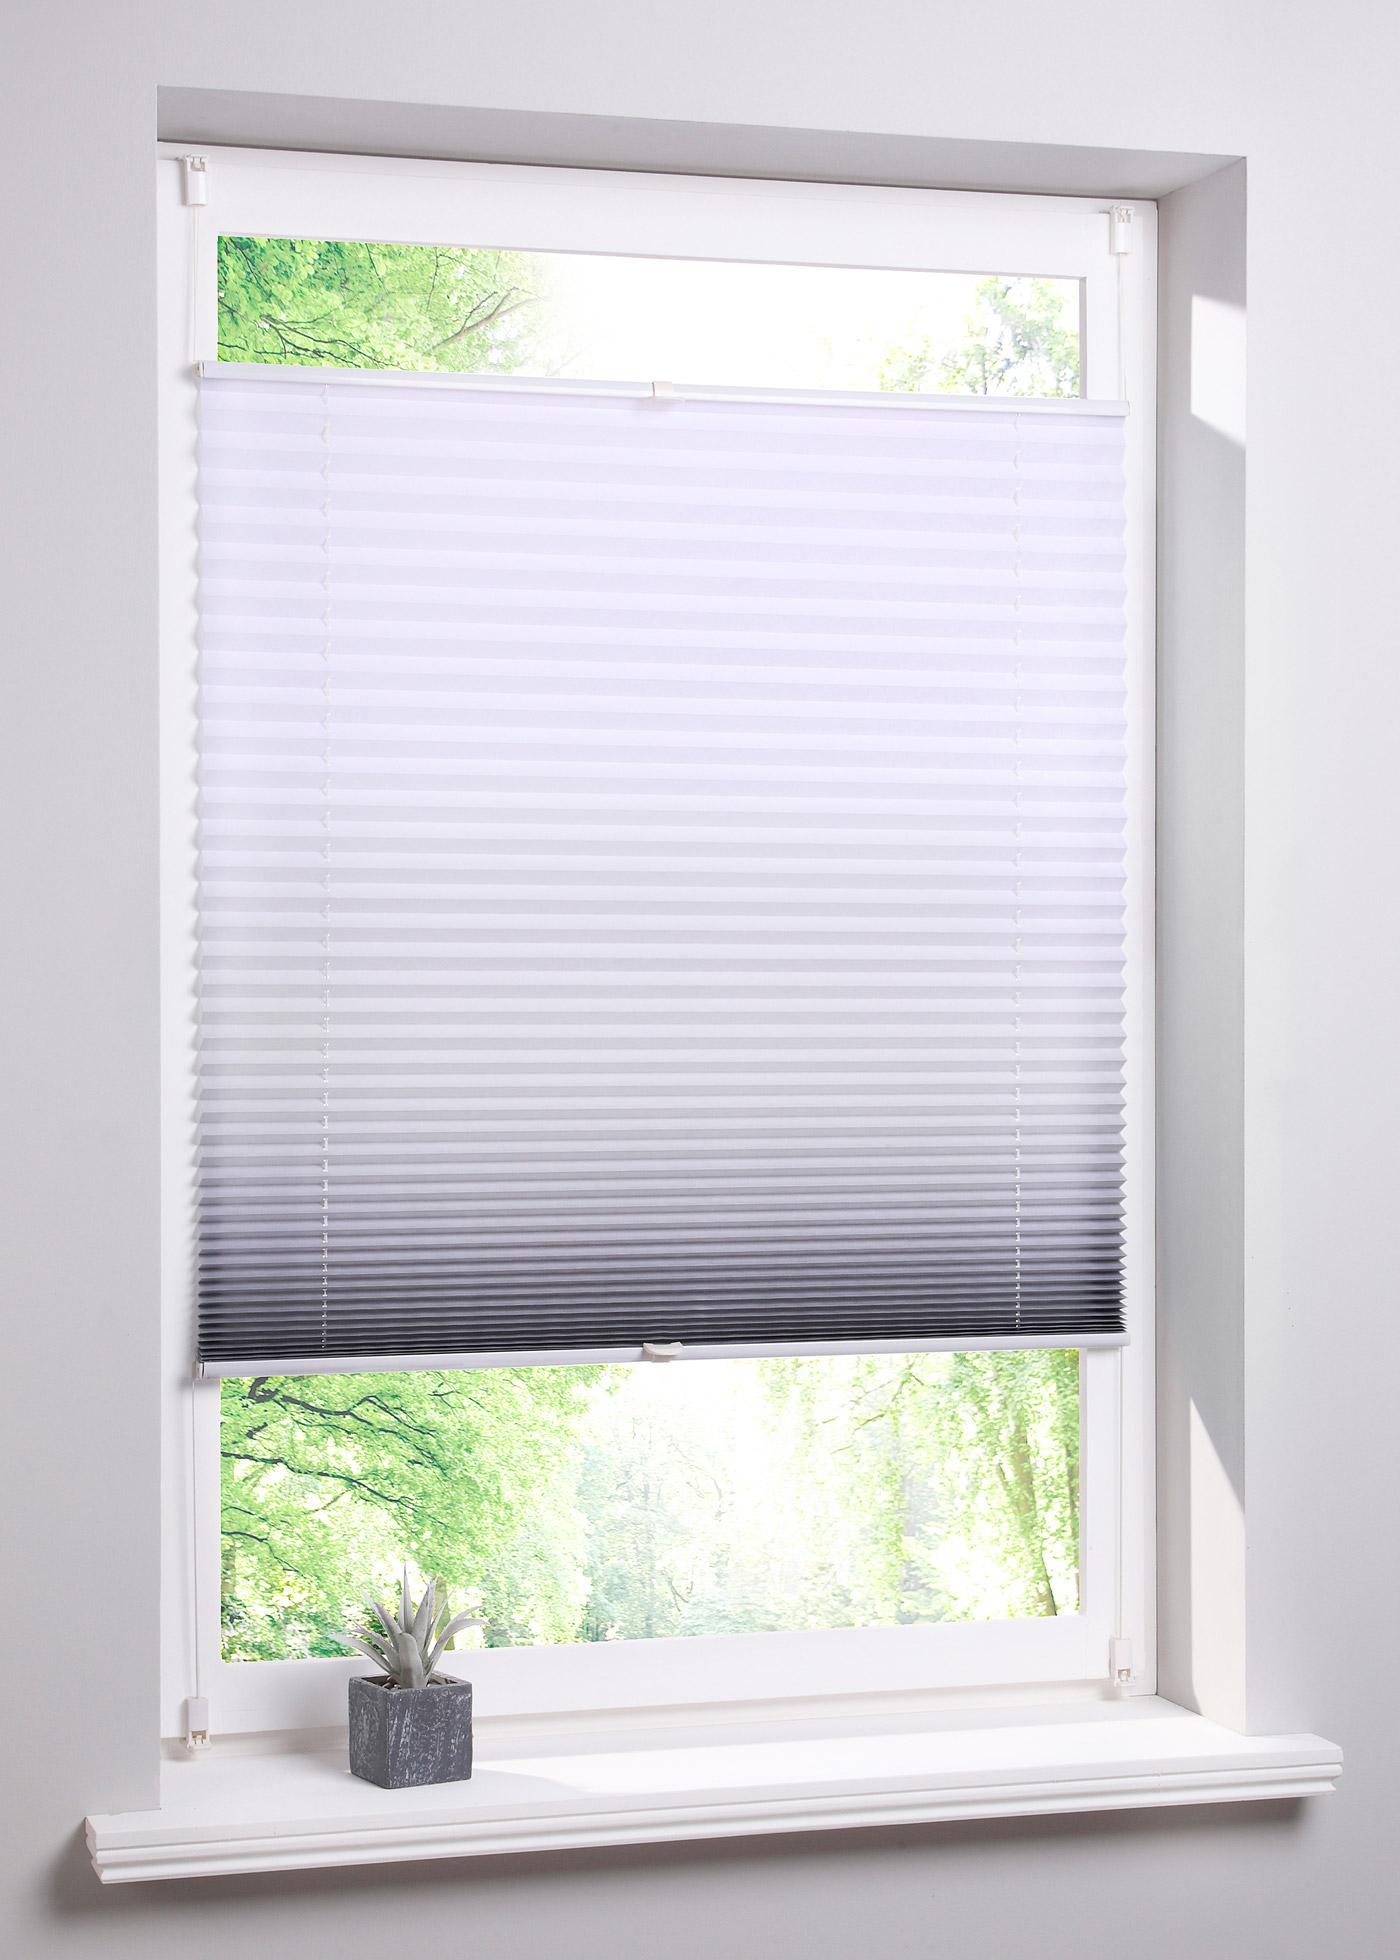 Égayez vos fenêtres avec ce store plissé moderne. Disponible en différents coloris tendance. Recto imprimé, verso clair. Protège de la lumière et des regards extérieurs, montage facile sans vis ni perceuse, avec supports de fixation à installer sur le hau